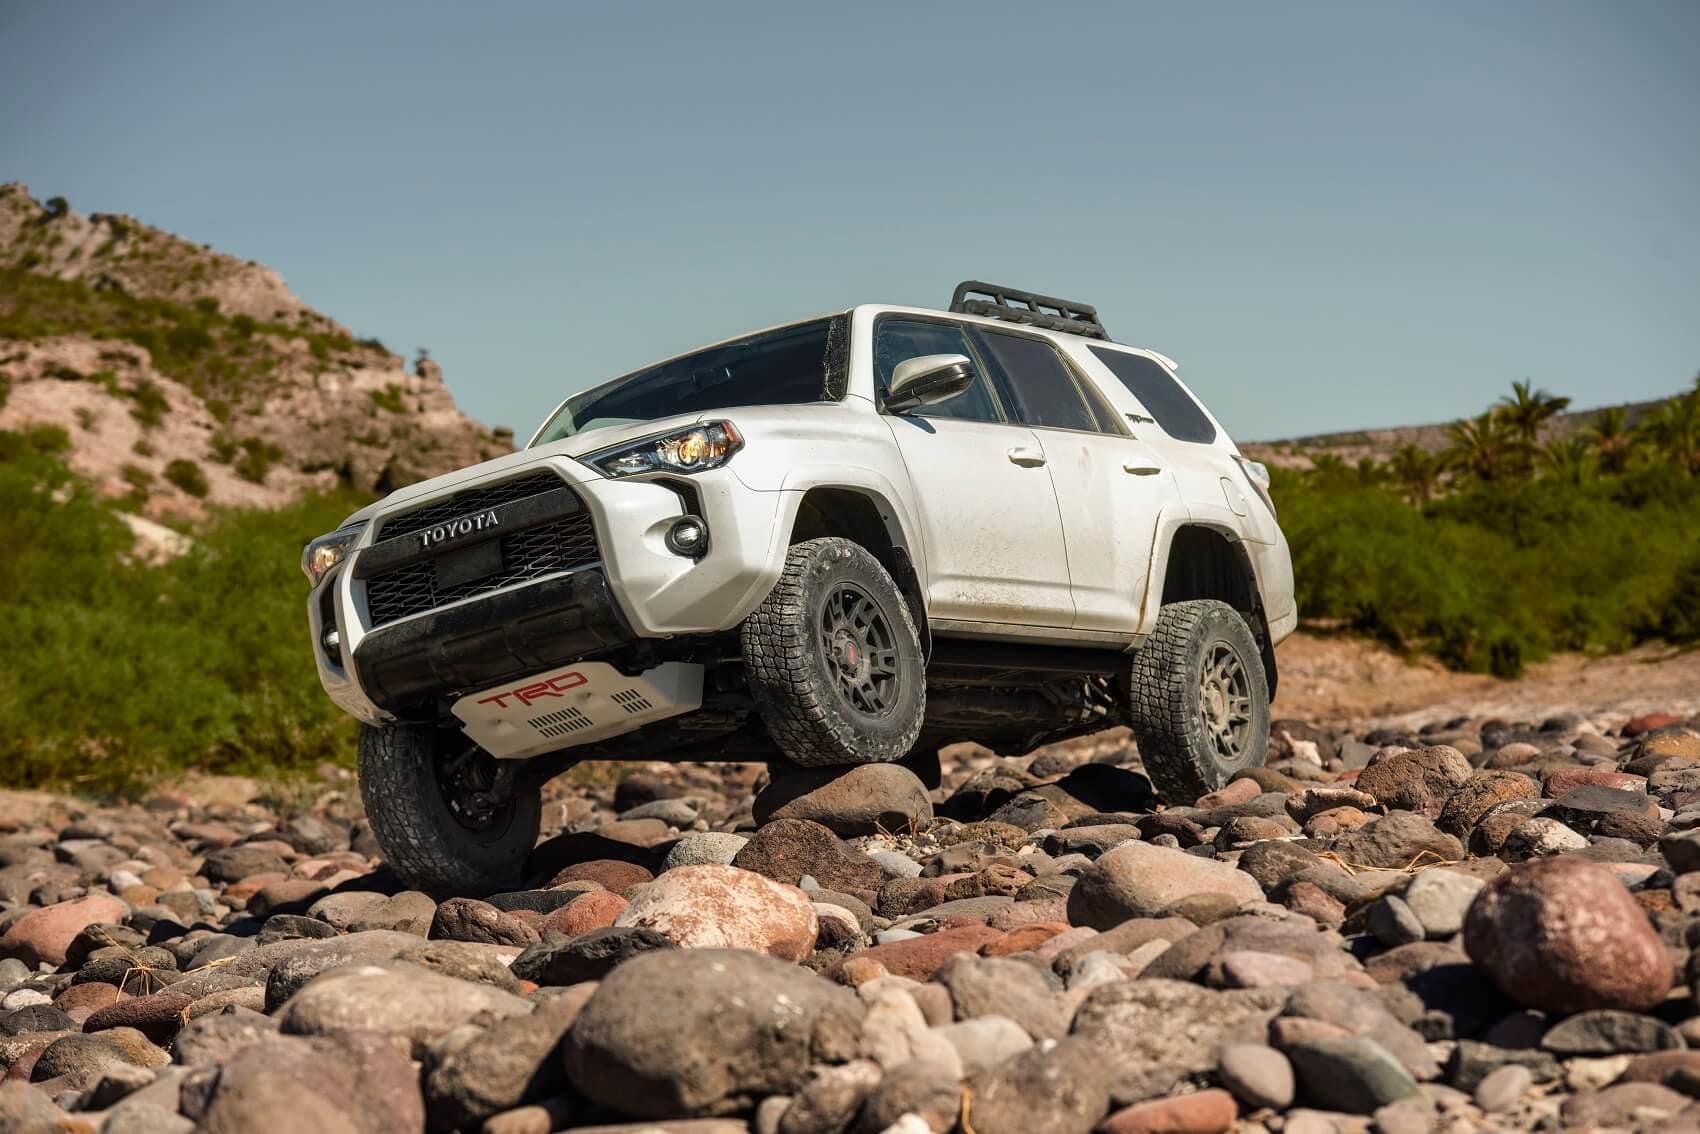 Toyota 4Runner Off-Roading